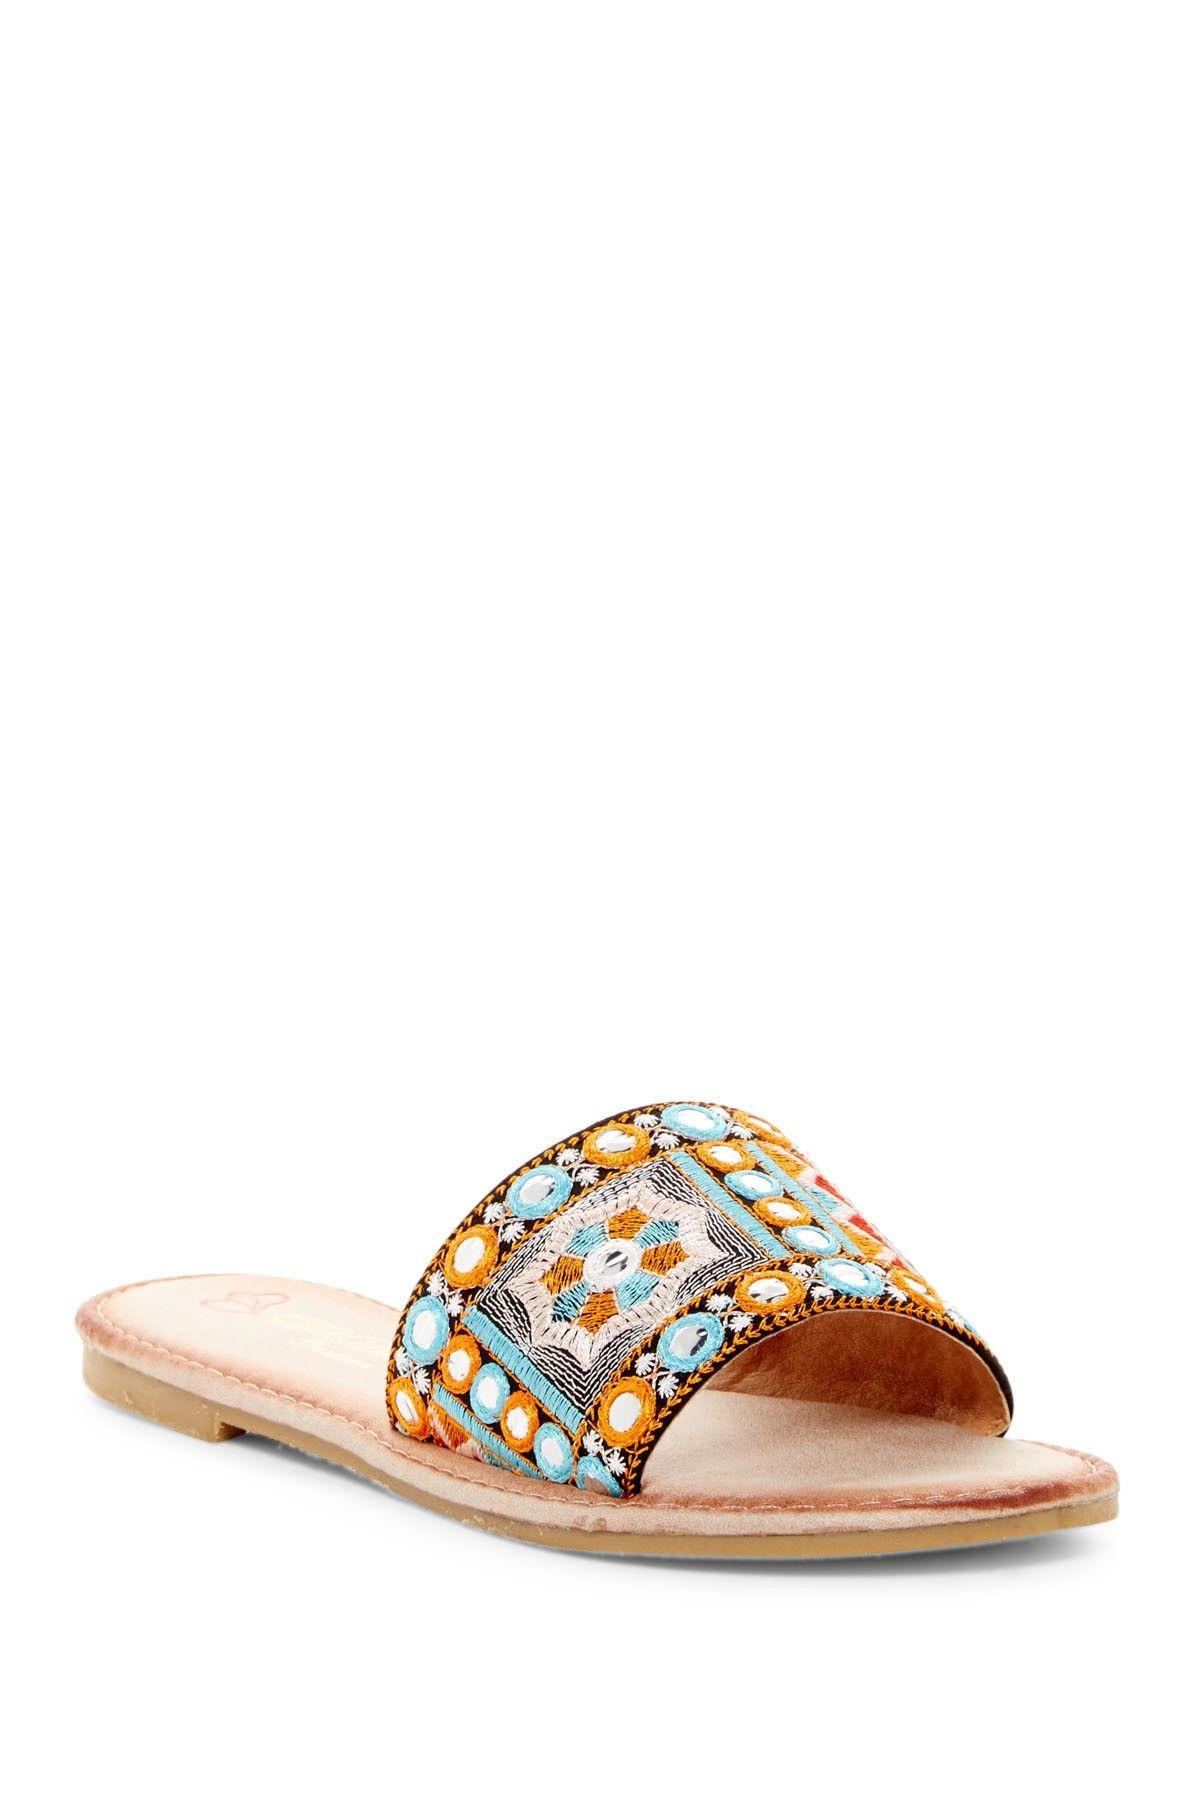 b435d927ab5 DBDK Fashion Kenya Women Sandal